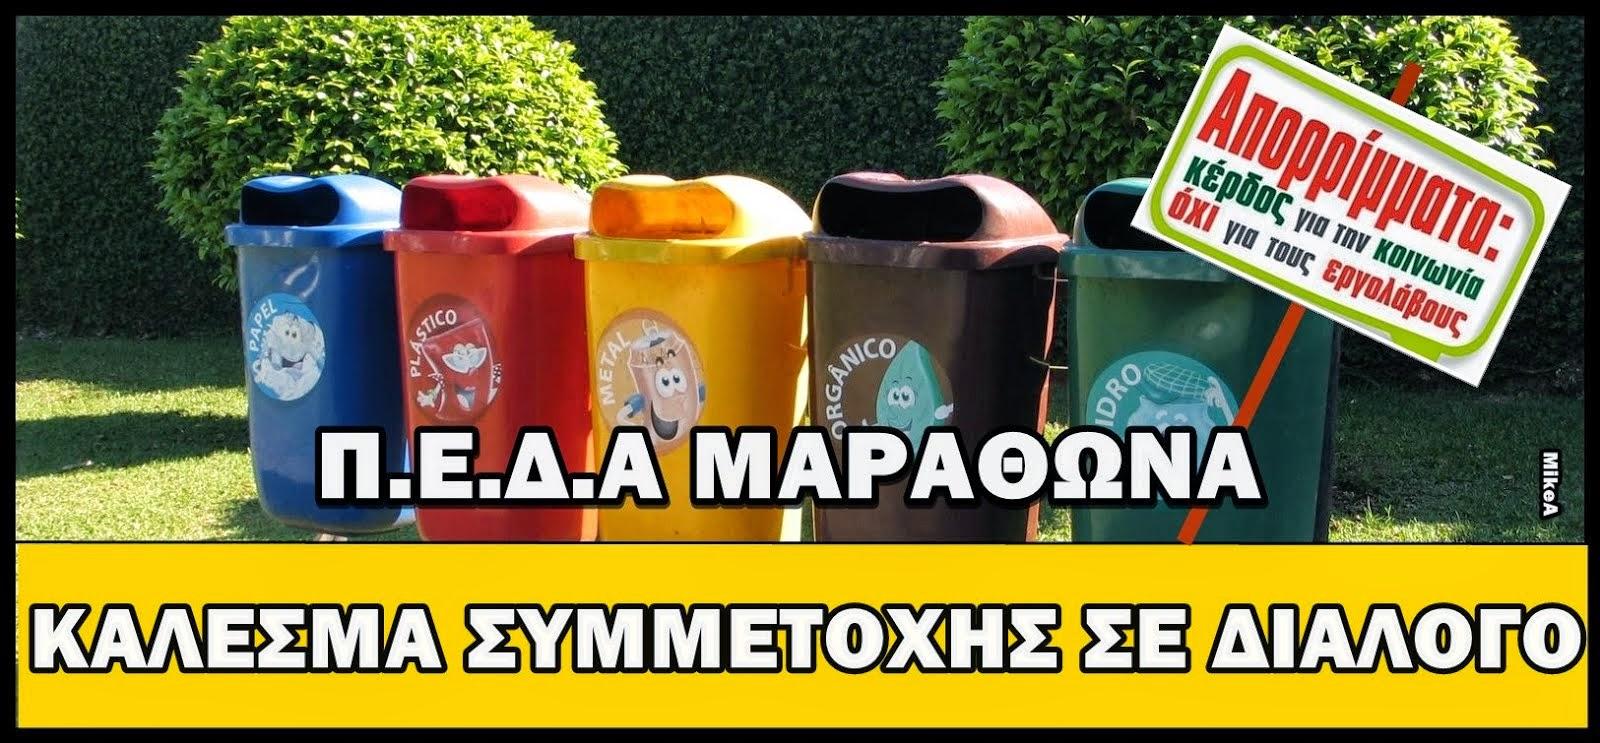 Π.Ε.Δ.Α ΜΑΡΑΘΩΝΑ